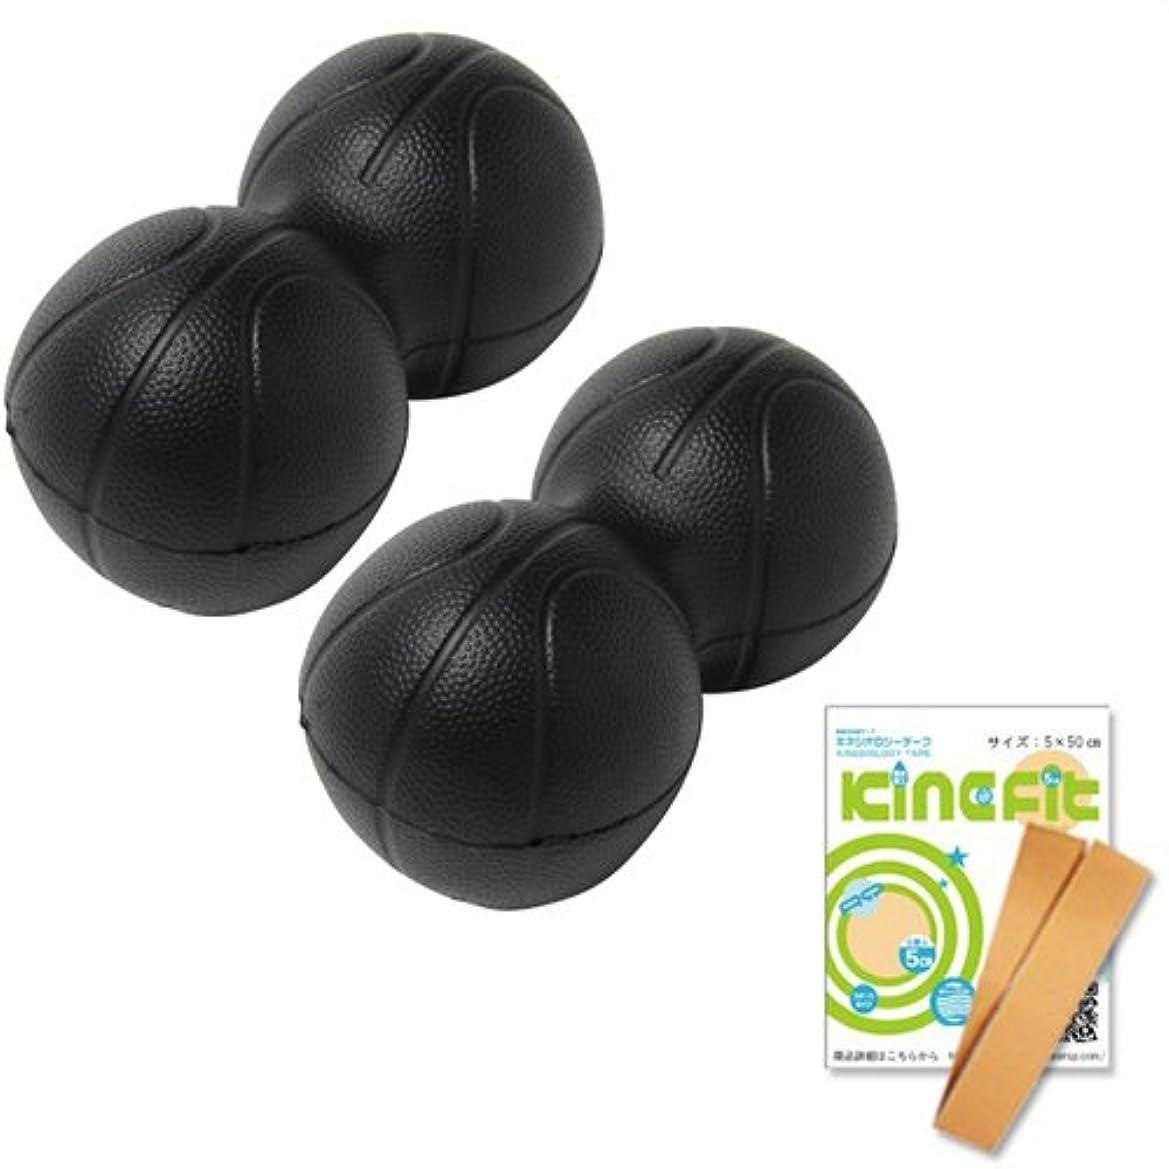 パワーポジションボール ×2個セット + キネシオロジーテープ キネフィットお試し用50cm セット